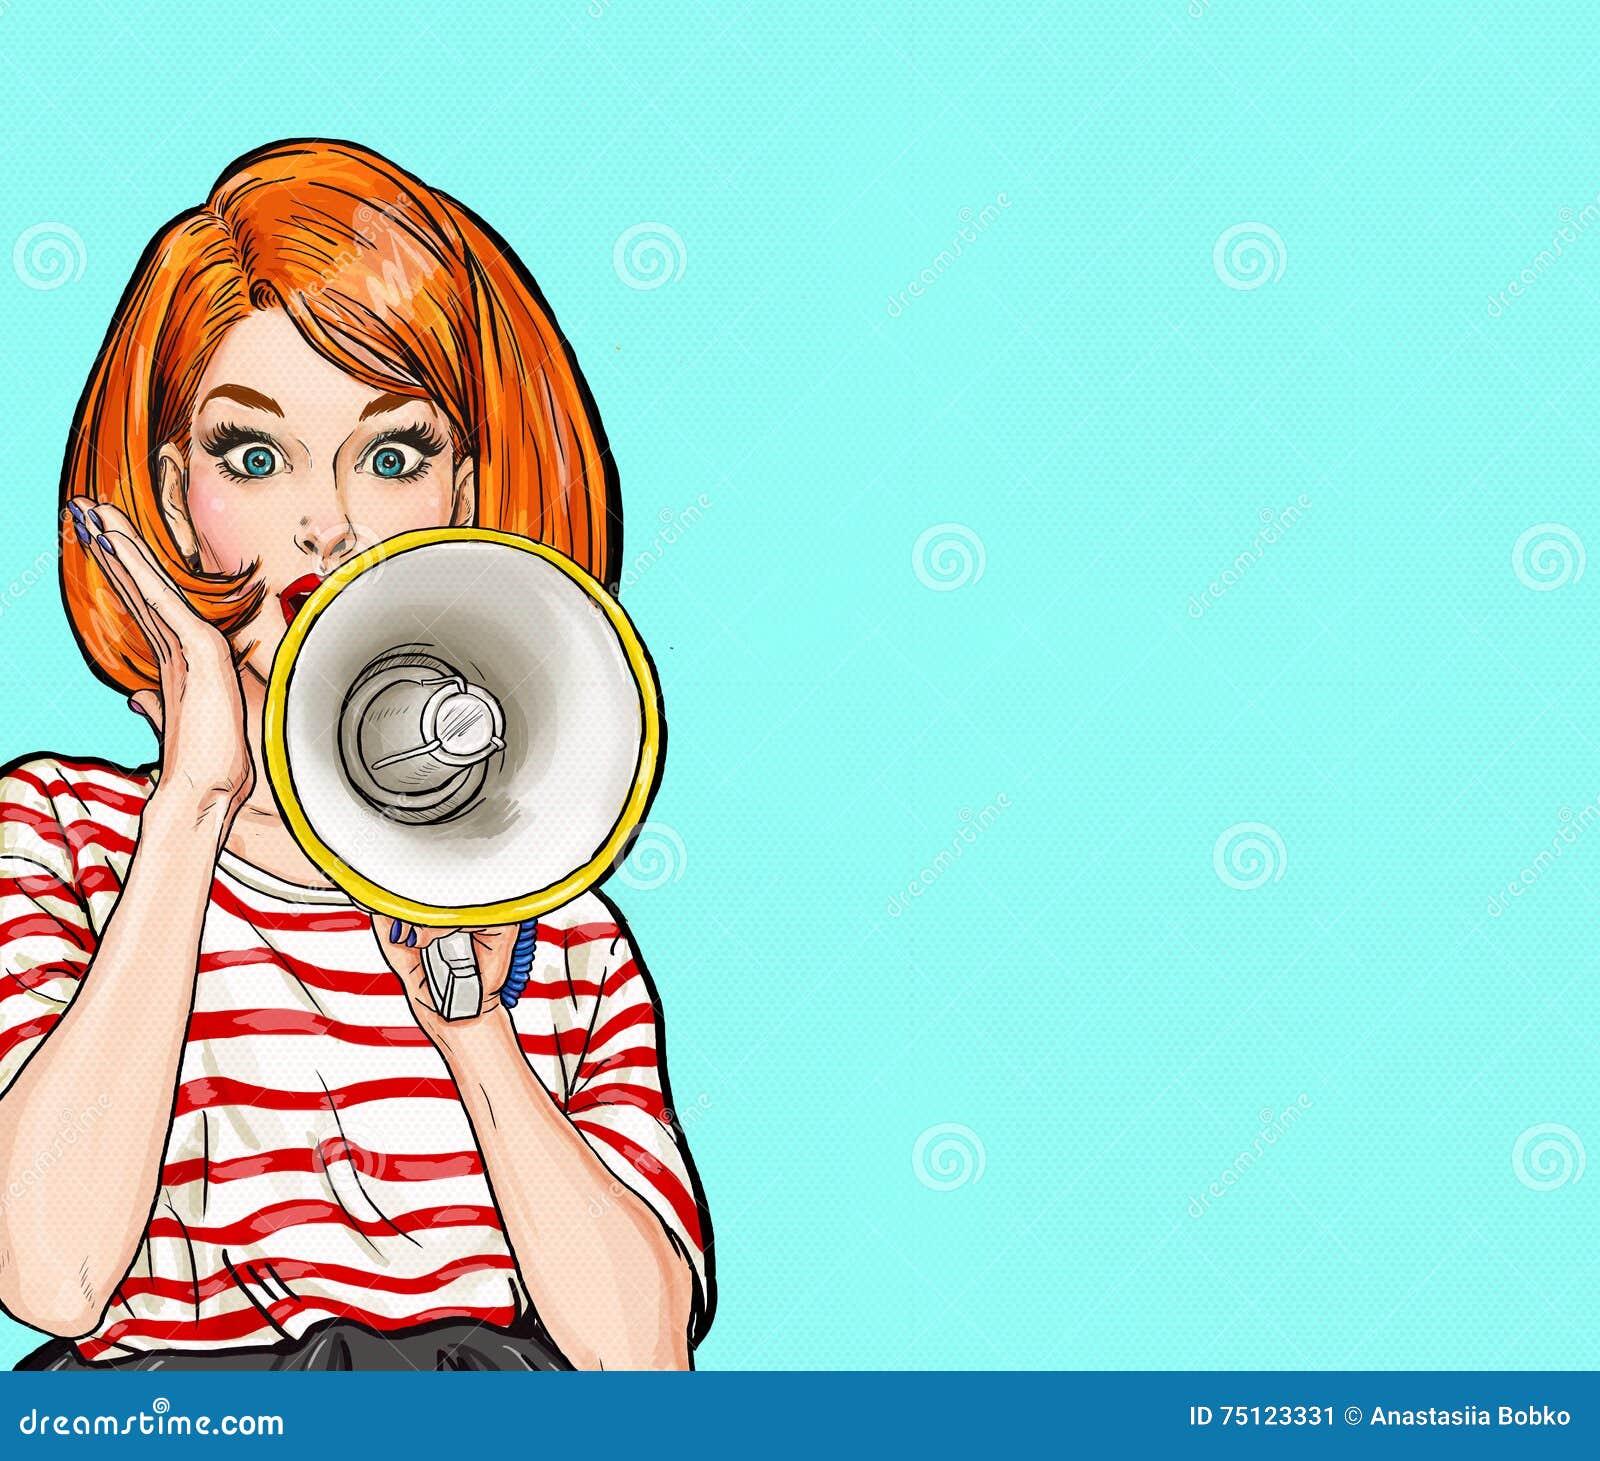 Λαϊκό κορίτσι τέχνης με megaphone Γυναίκα με το μεγάφωνο Κορίτσι που αναγγέλλει την έκπτωση ή την πώληση χρονικός καθολικός Ιστός